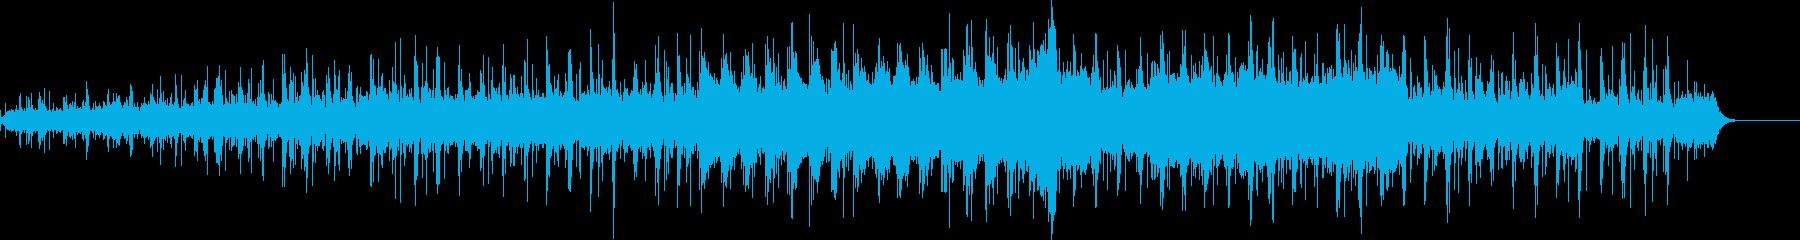 前半は哀愁があり後半は躍動感のあるBGMの再生済みの波形